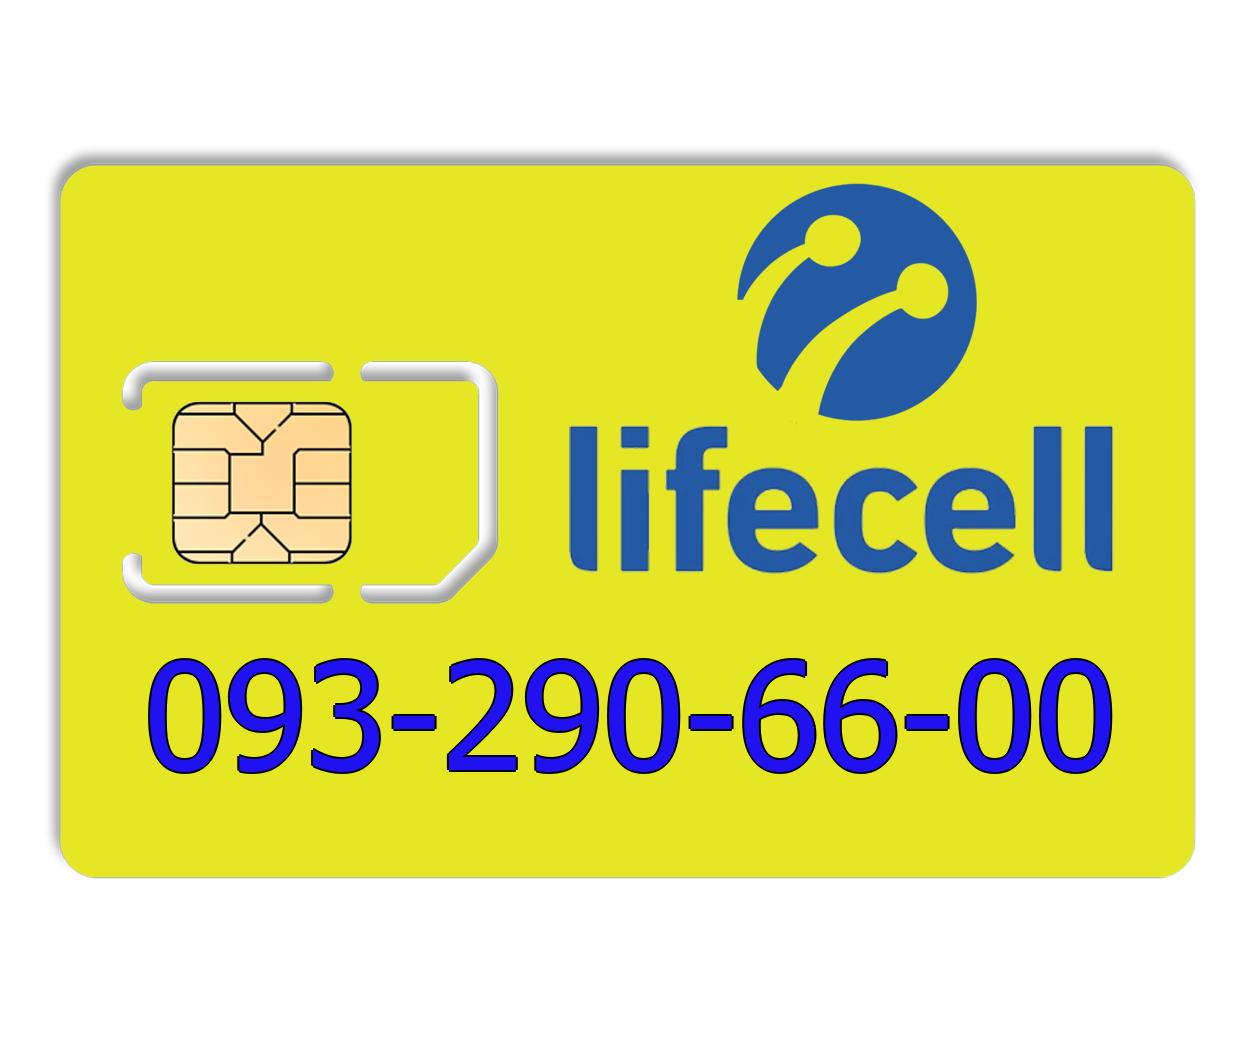 Красивый номер lifecell 093-290-66-00